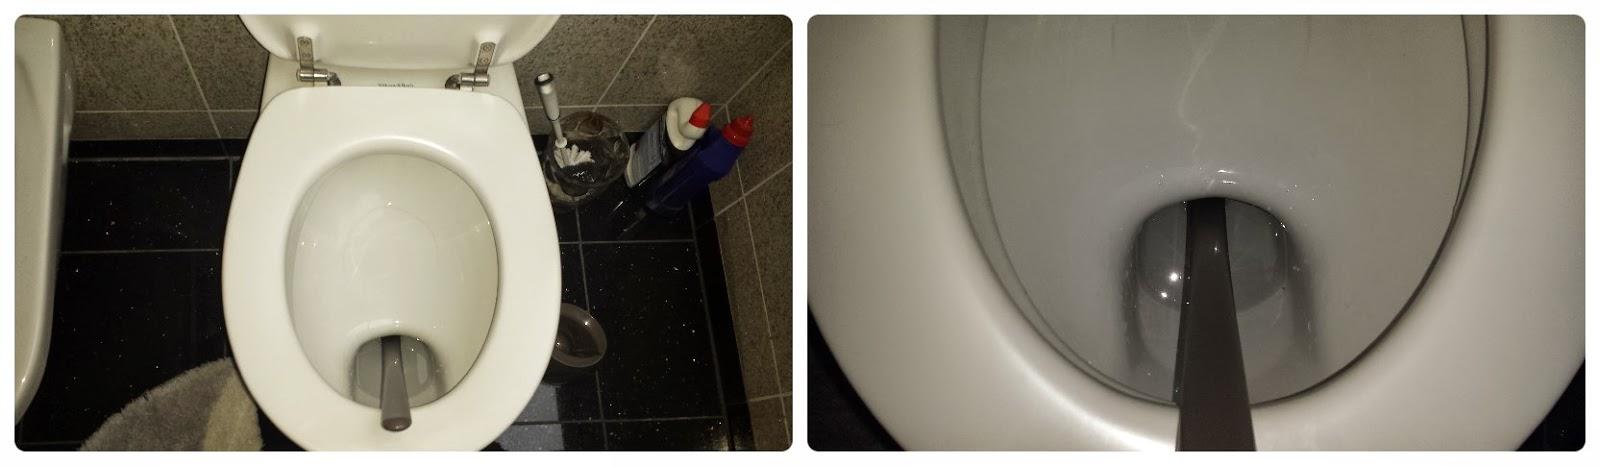 schau 39 n wa mal produkttest wc wunder soft toilettenb rste das stille rtchen wird zum star. Black Bedroom Furniture Sets. Home Design Ideas